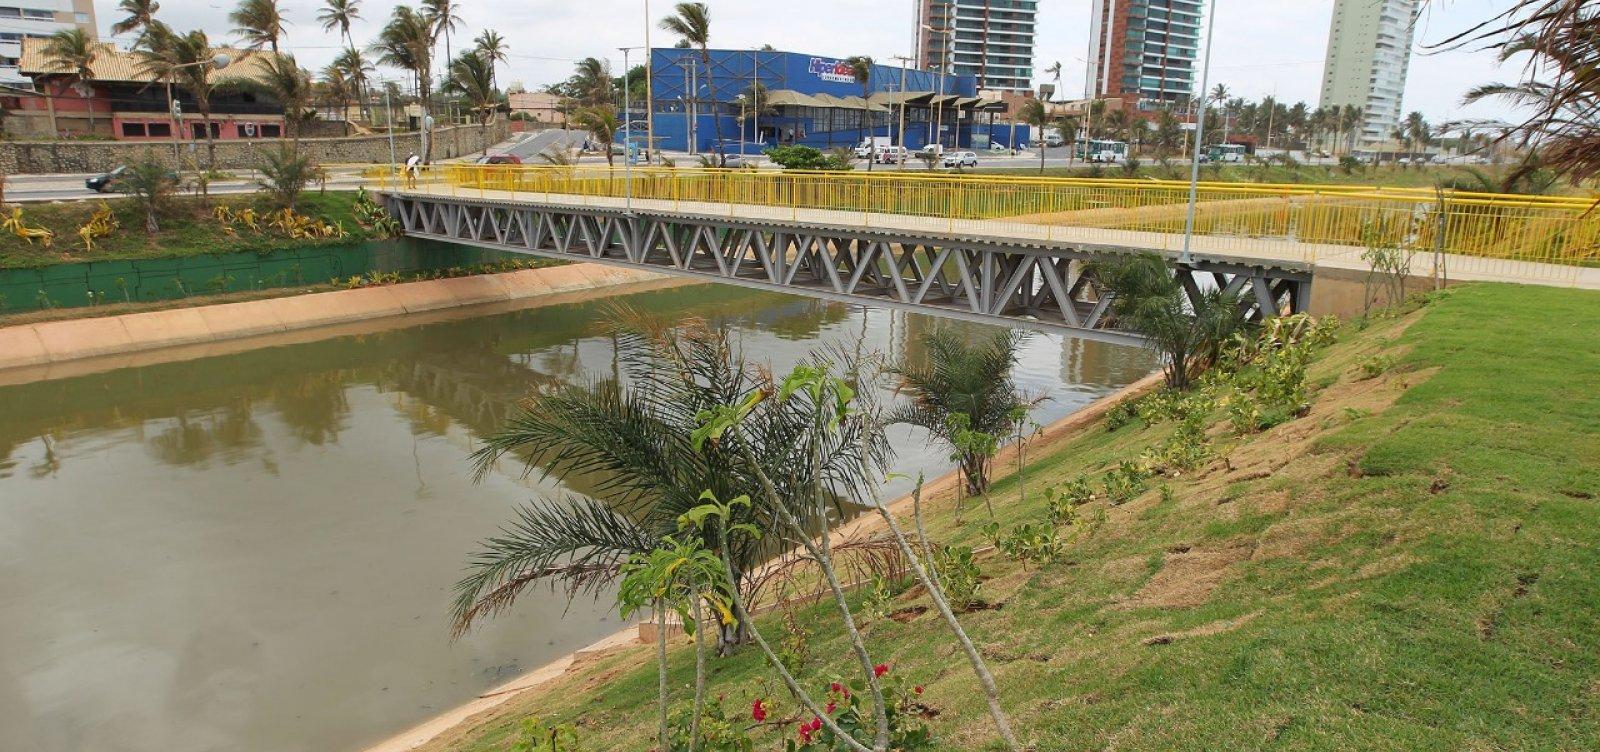 Governo conclui obras de urbanização ao lado do Rio Jaguaribe